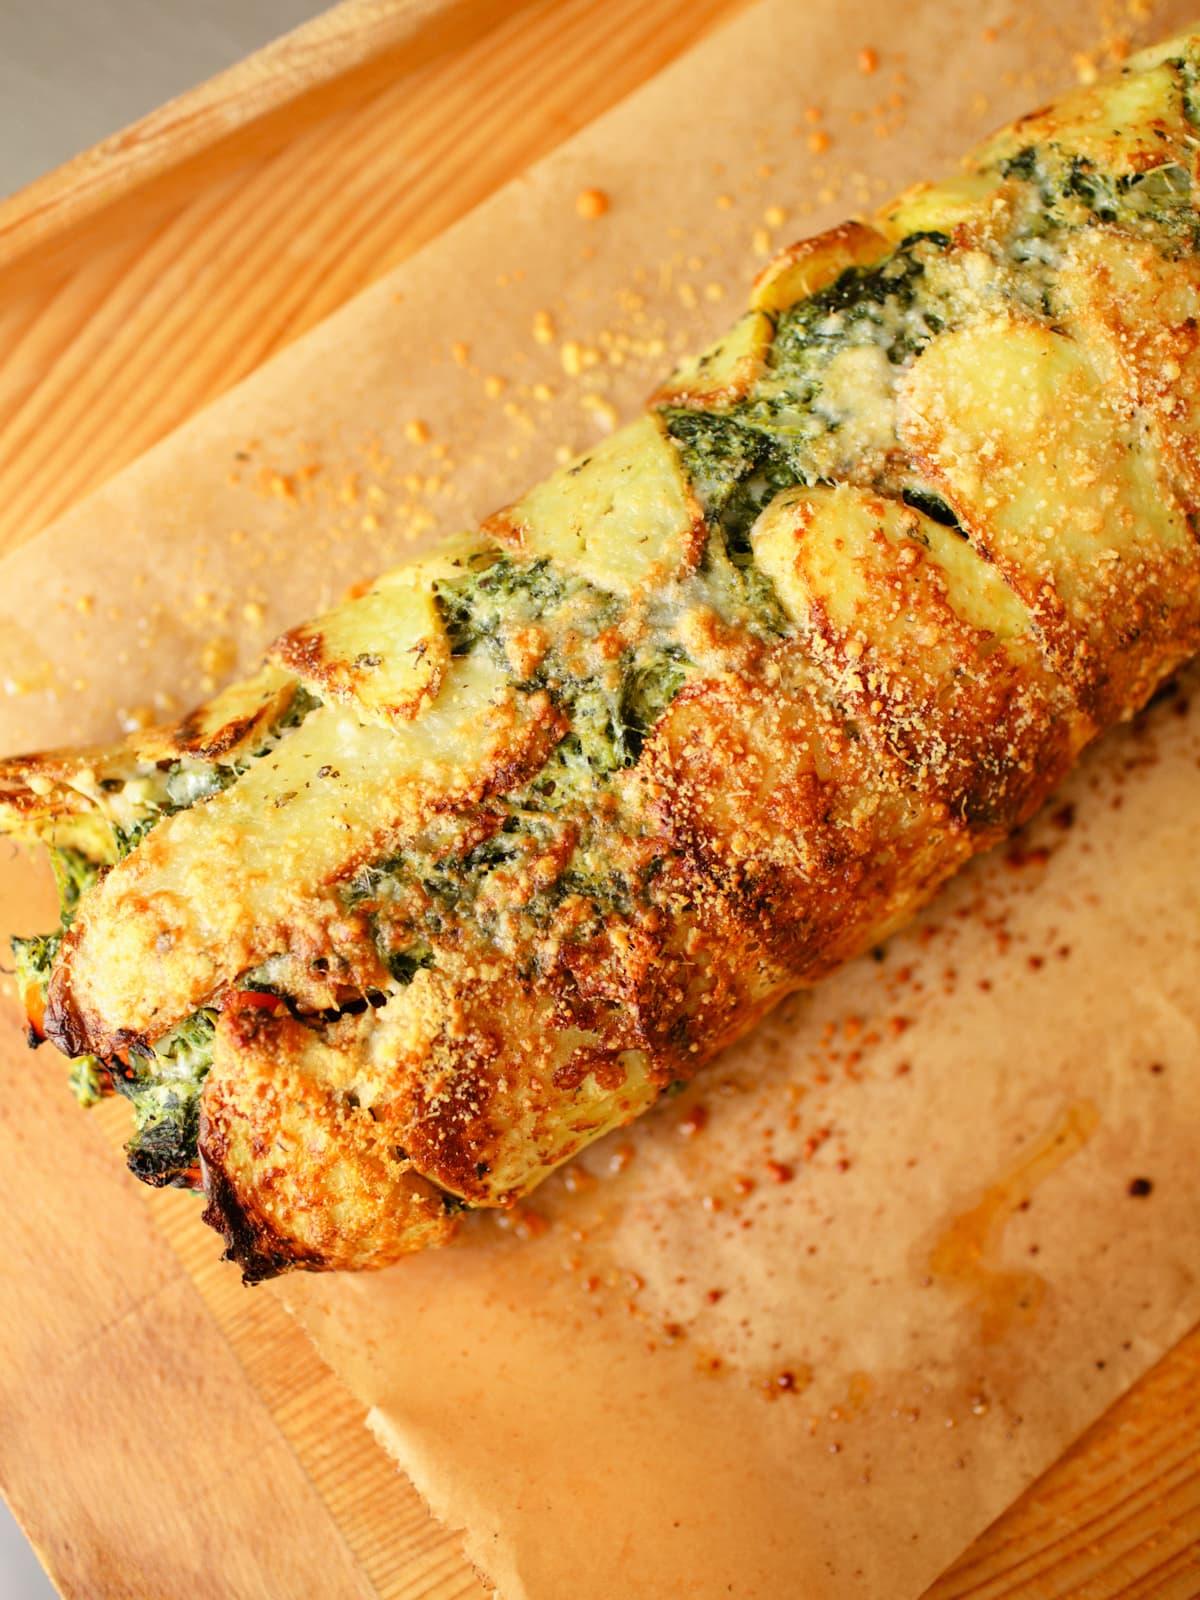 Kartoffelrouladen-gefüllt-mit-Spinat-Ricotta-und-buntem-Gemüse-ökoinstitut-Sterneacker (75)